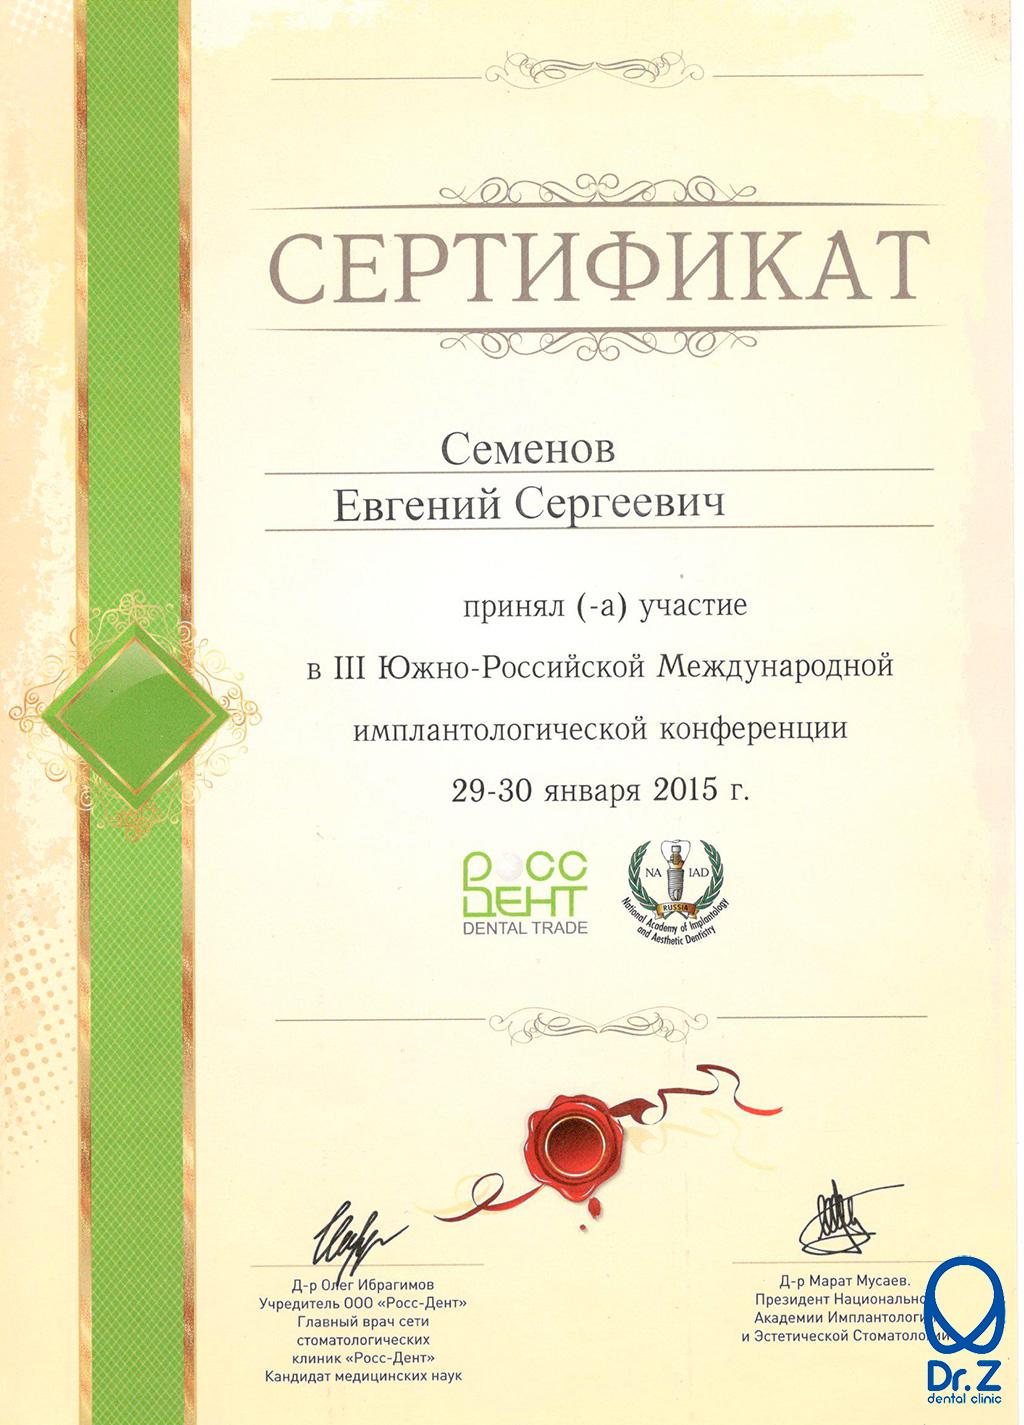 Сертификат Семенову Евгению Сергеевичу за участие в III Южно-Российской Международной имплантологической конференции